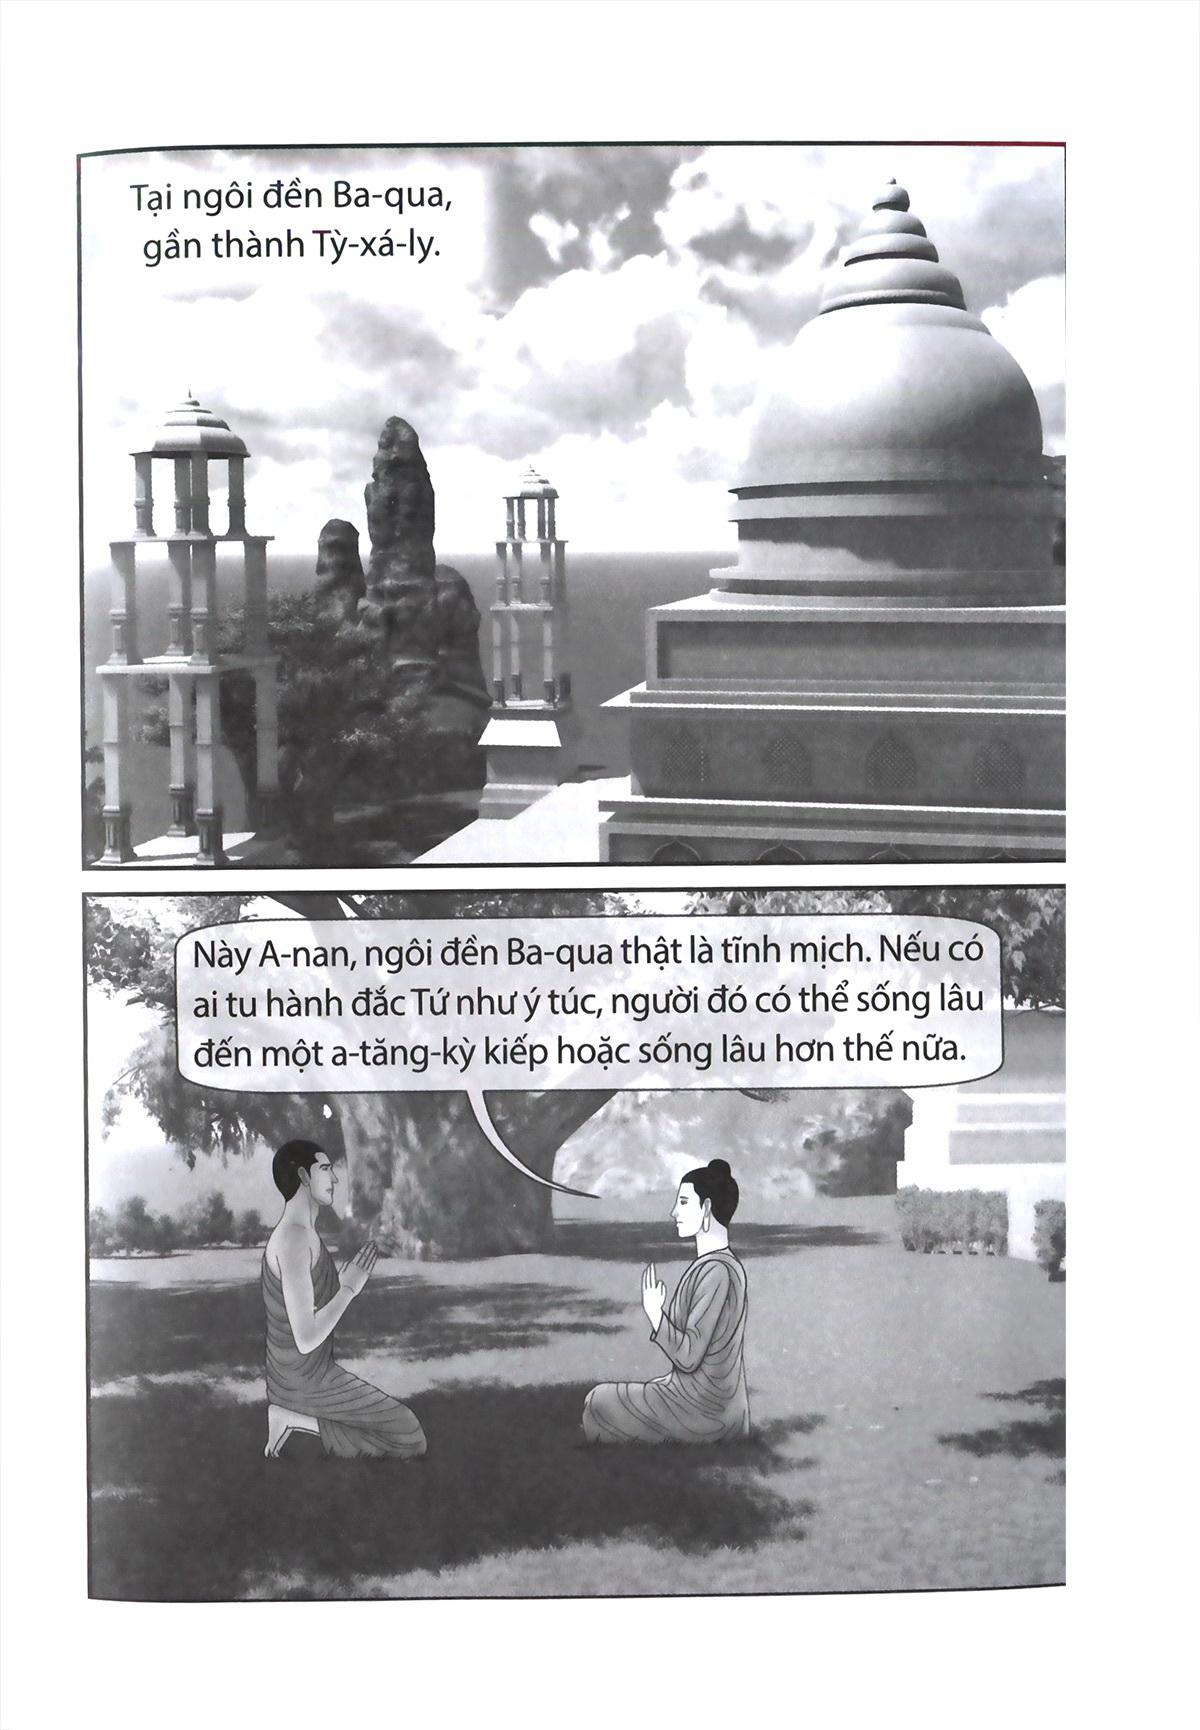 Truyện Tranh Đức Phật Thích Ca - Từ Hành Đạo Đến Nhập Niết Bàn - Tập 3